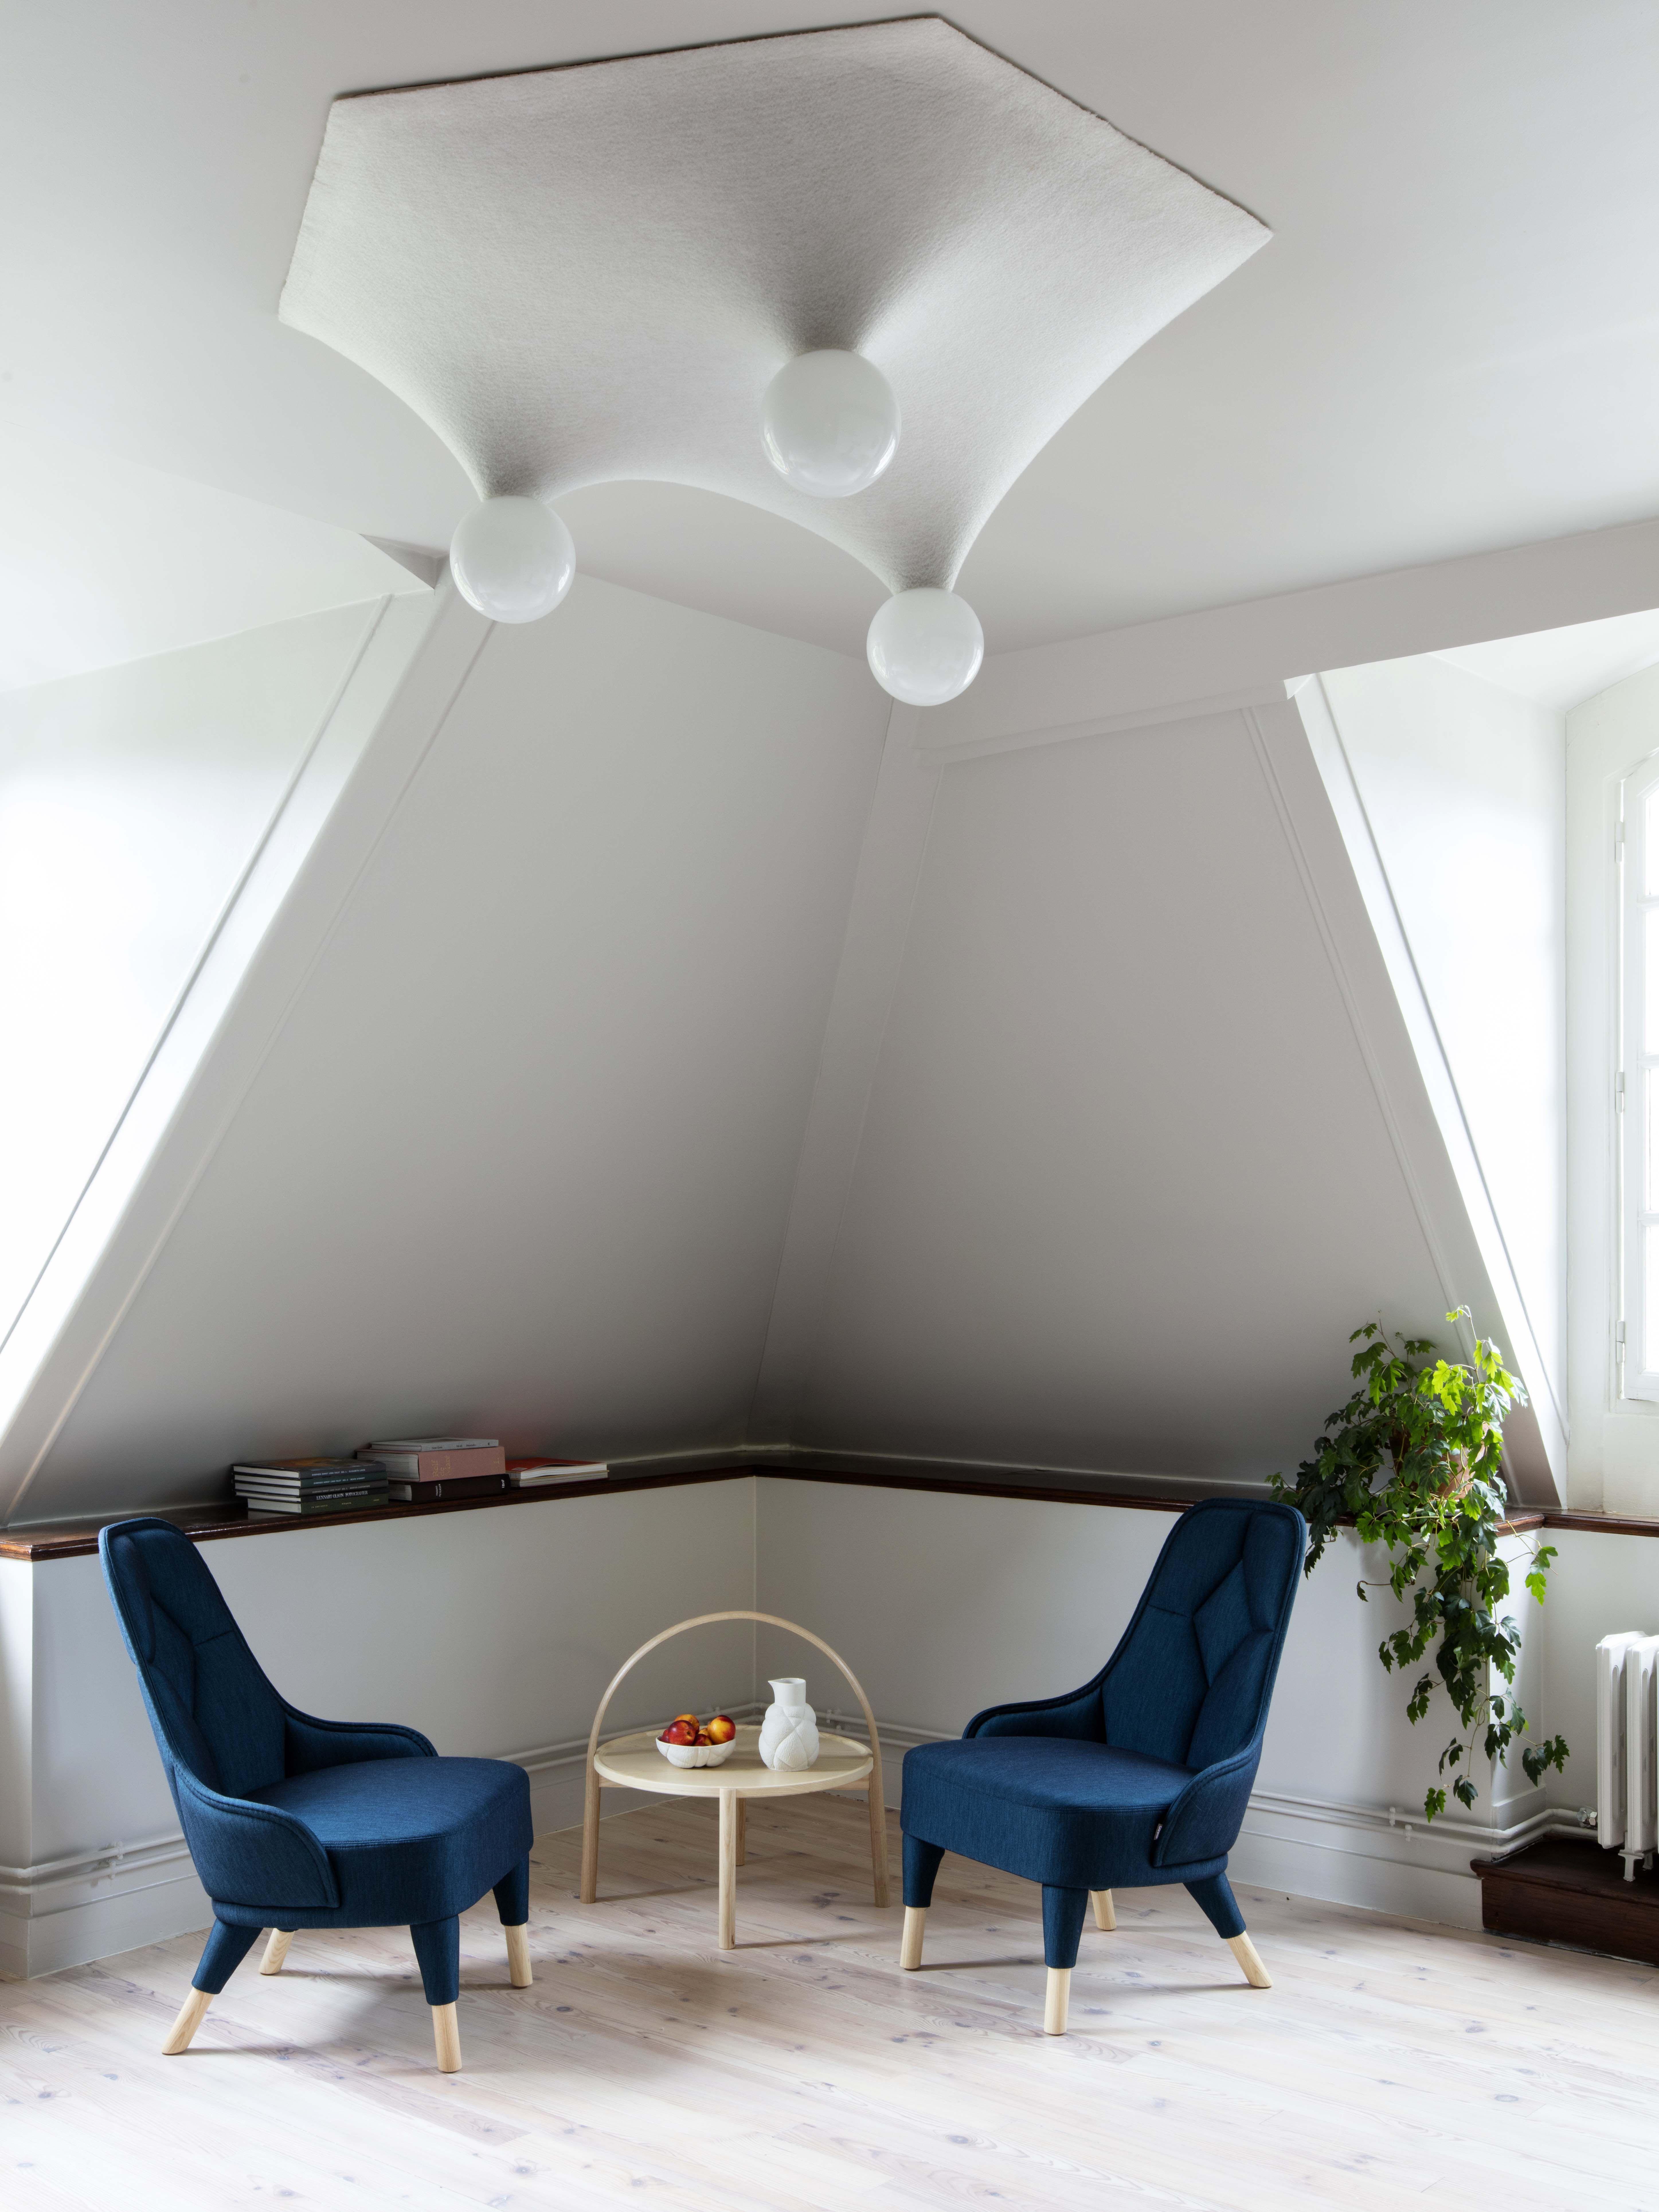 Institut Suedois Hotel Particulier Maison Et Objet Architecture Interieure